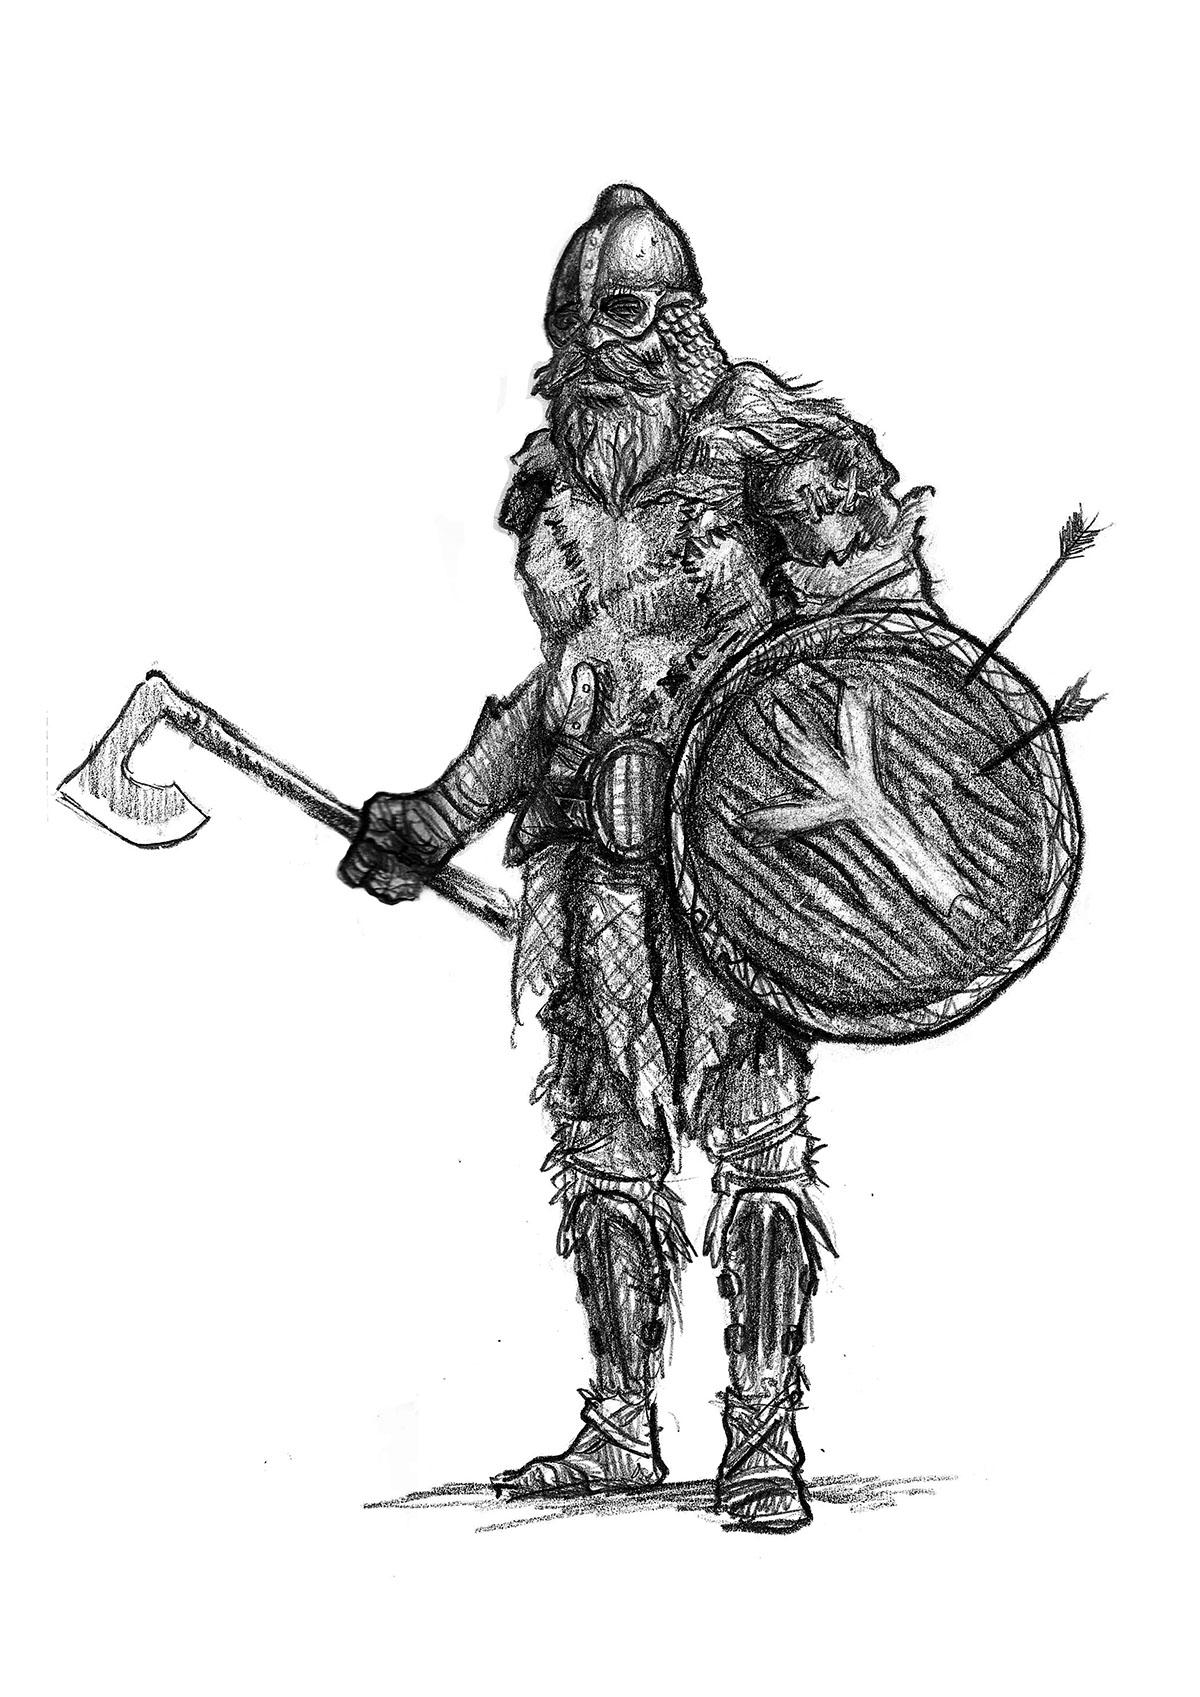 картинки викингов воинов в готическом стиле вот хоть убейте